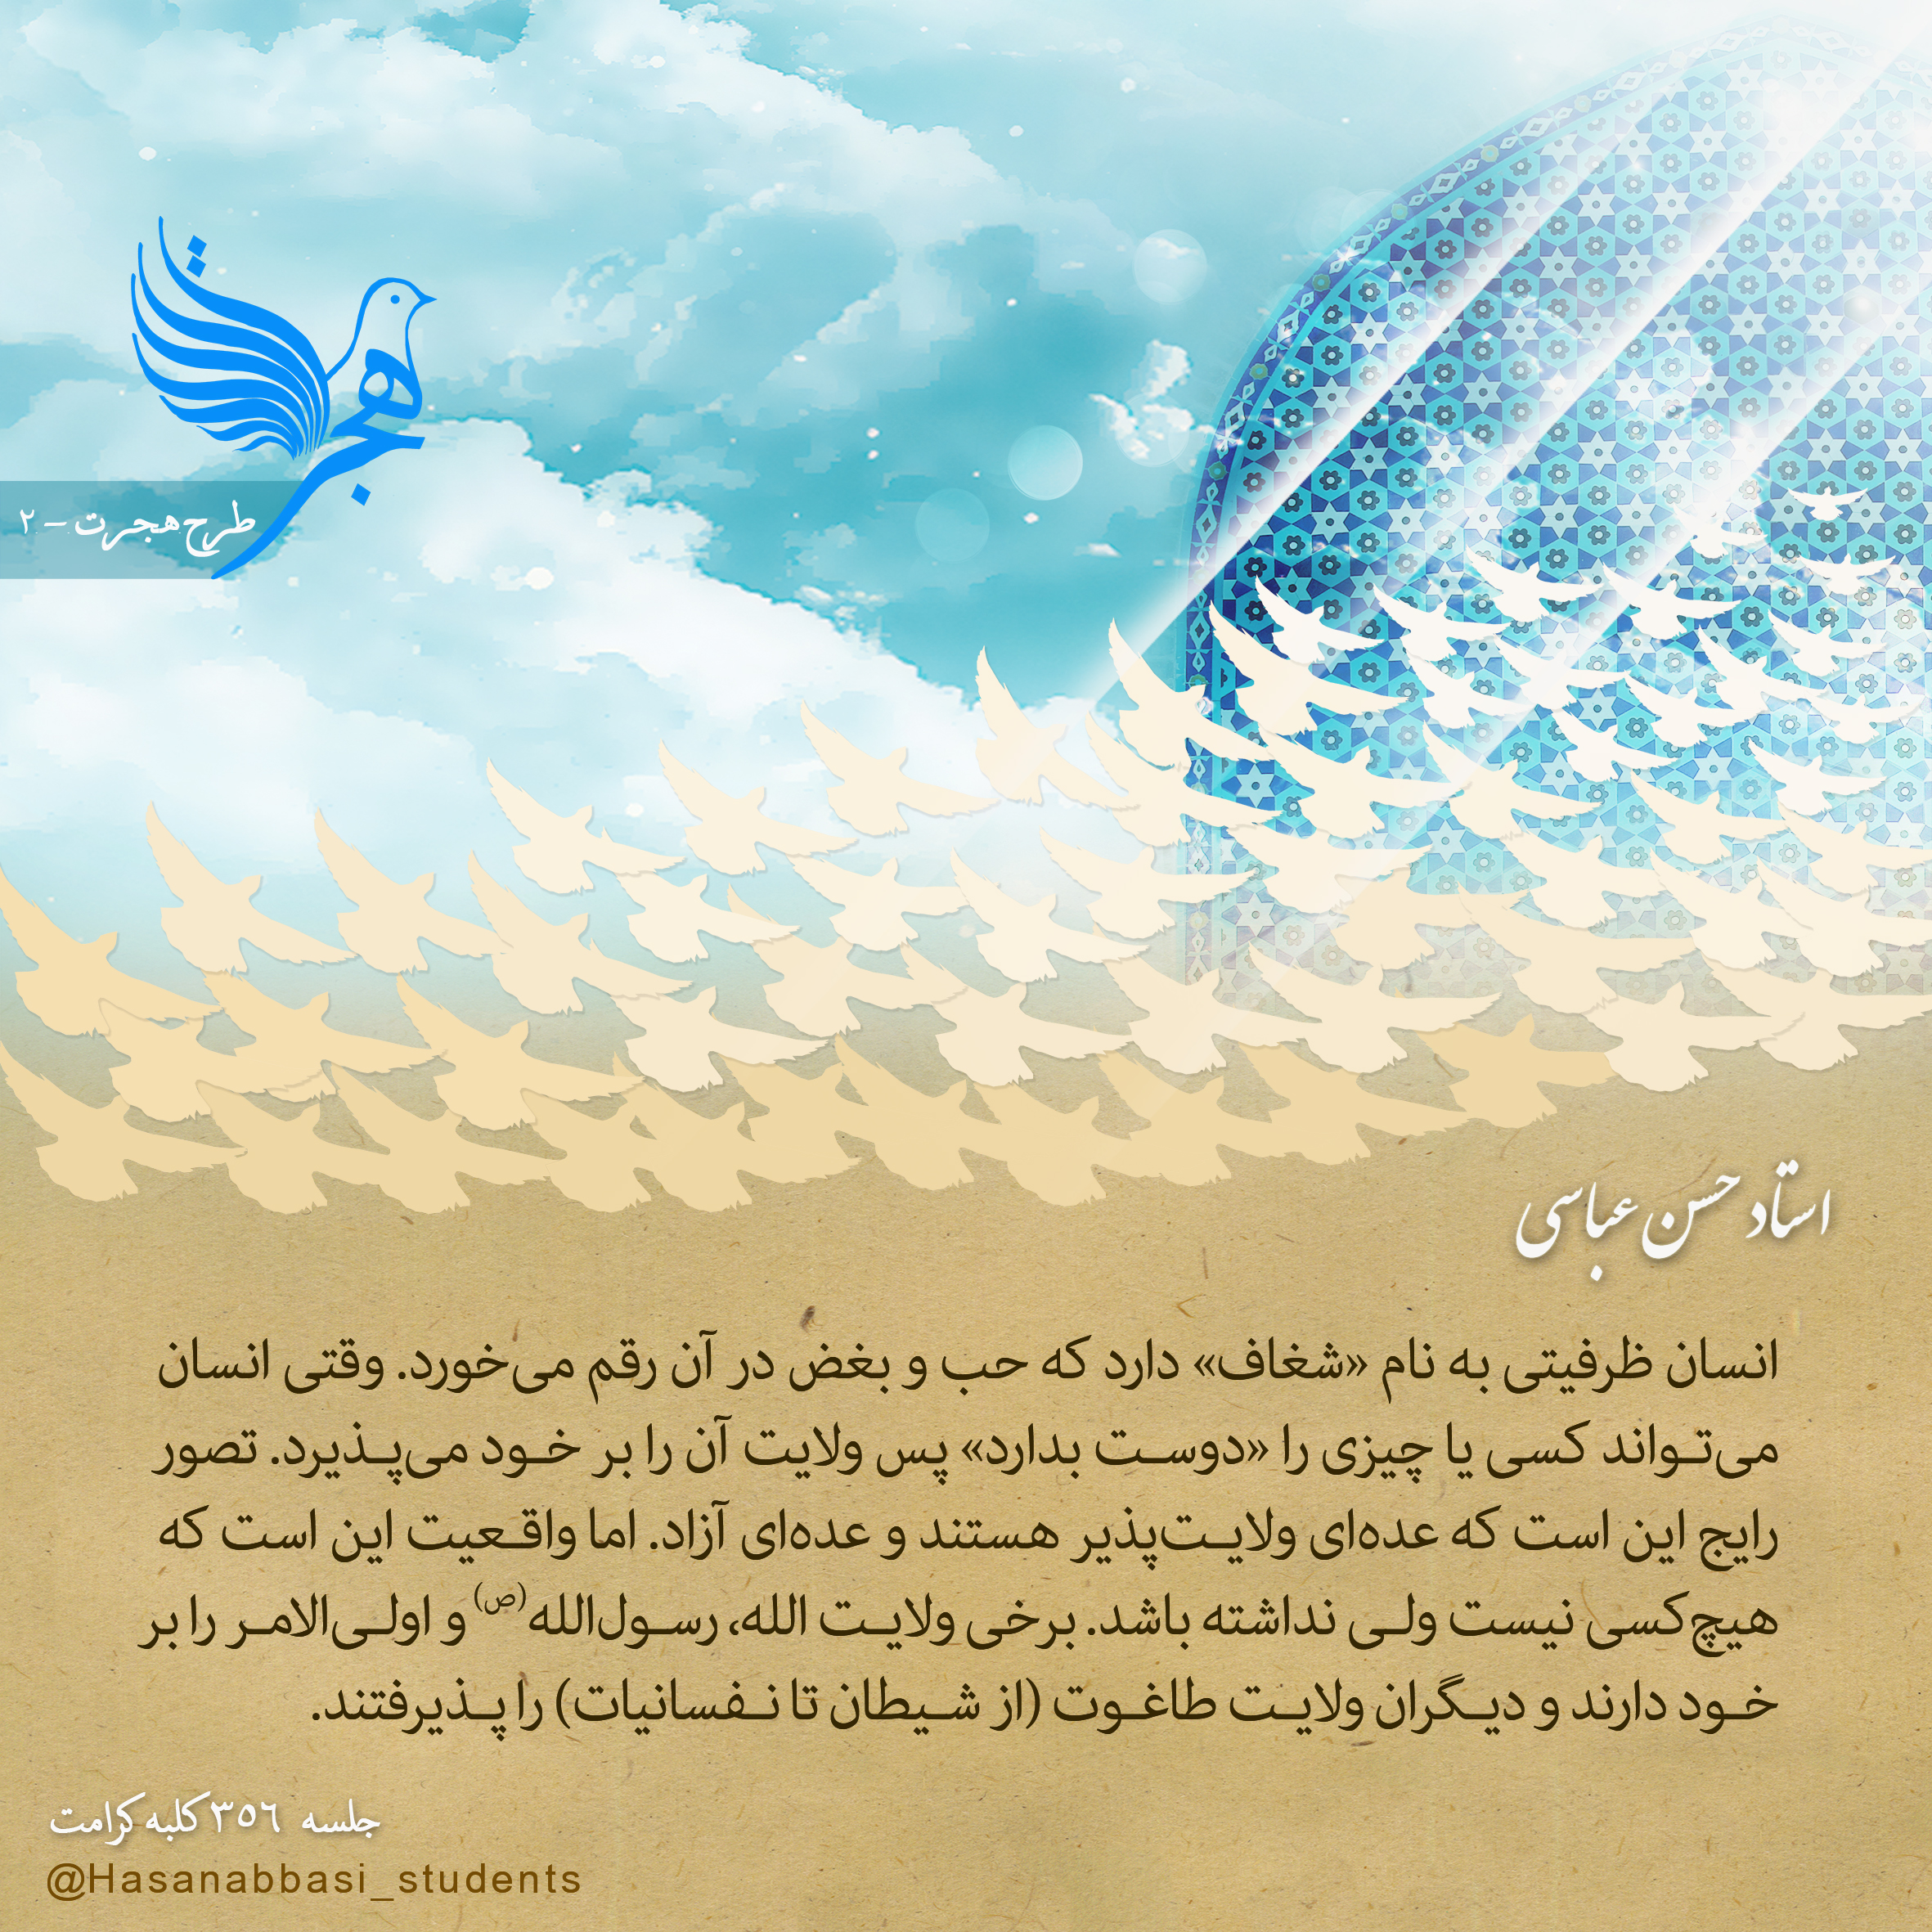 طرح هجرت 2 - «اللَّهُ وَلِیُّ الَّذینَ آمَنوا یُخرِجُهُم مِنَ الظُّلُماتِ إِلَى النّورِ ۖ وَالَّذینَ کَفَروا أَولِیاؤُهُمُ الطّاغوتُ...»